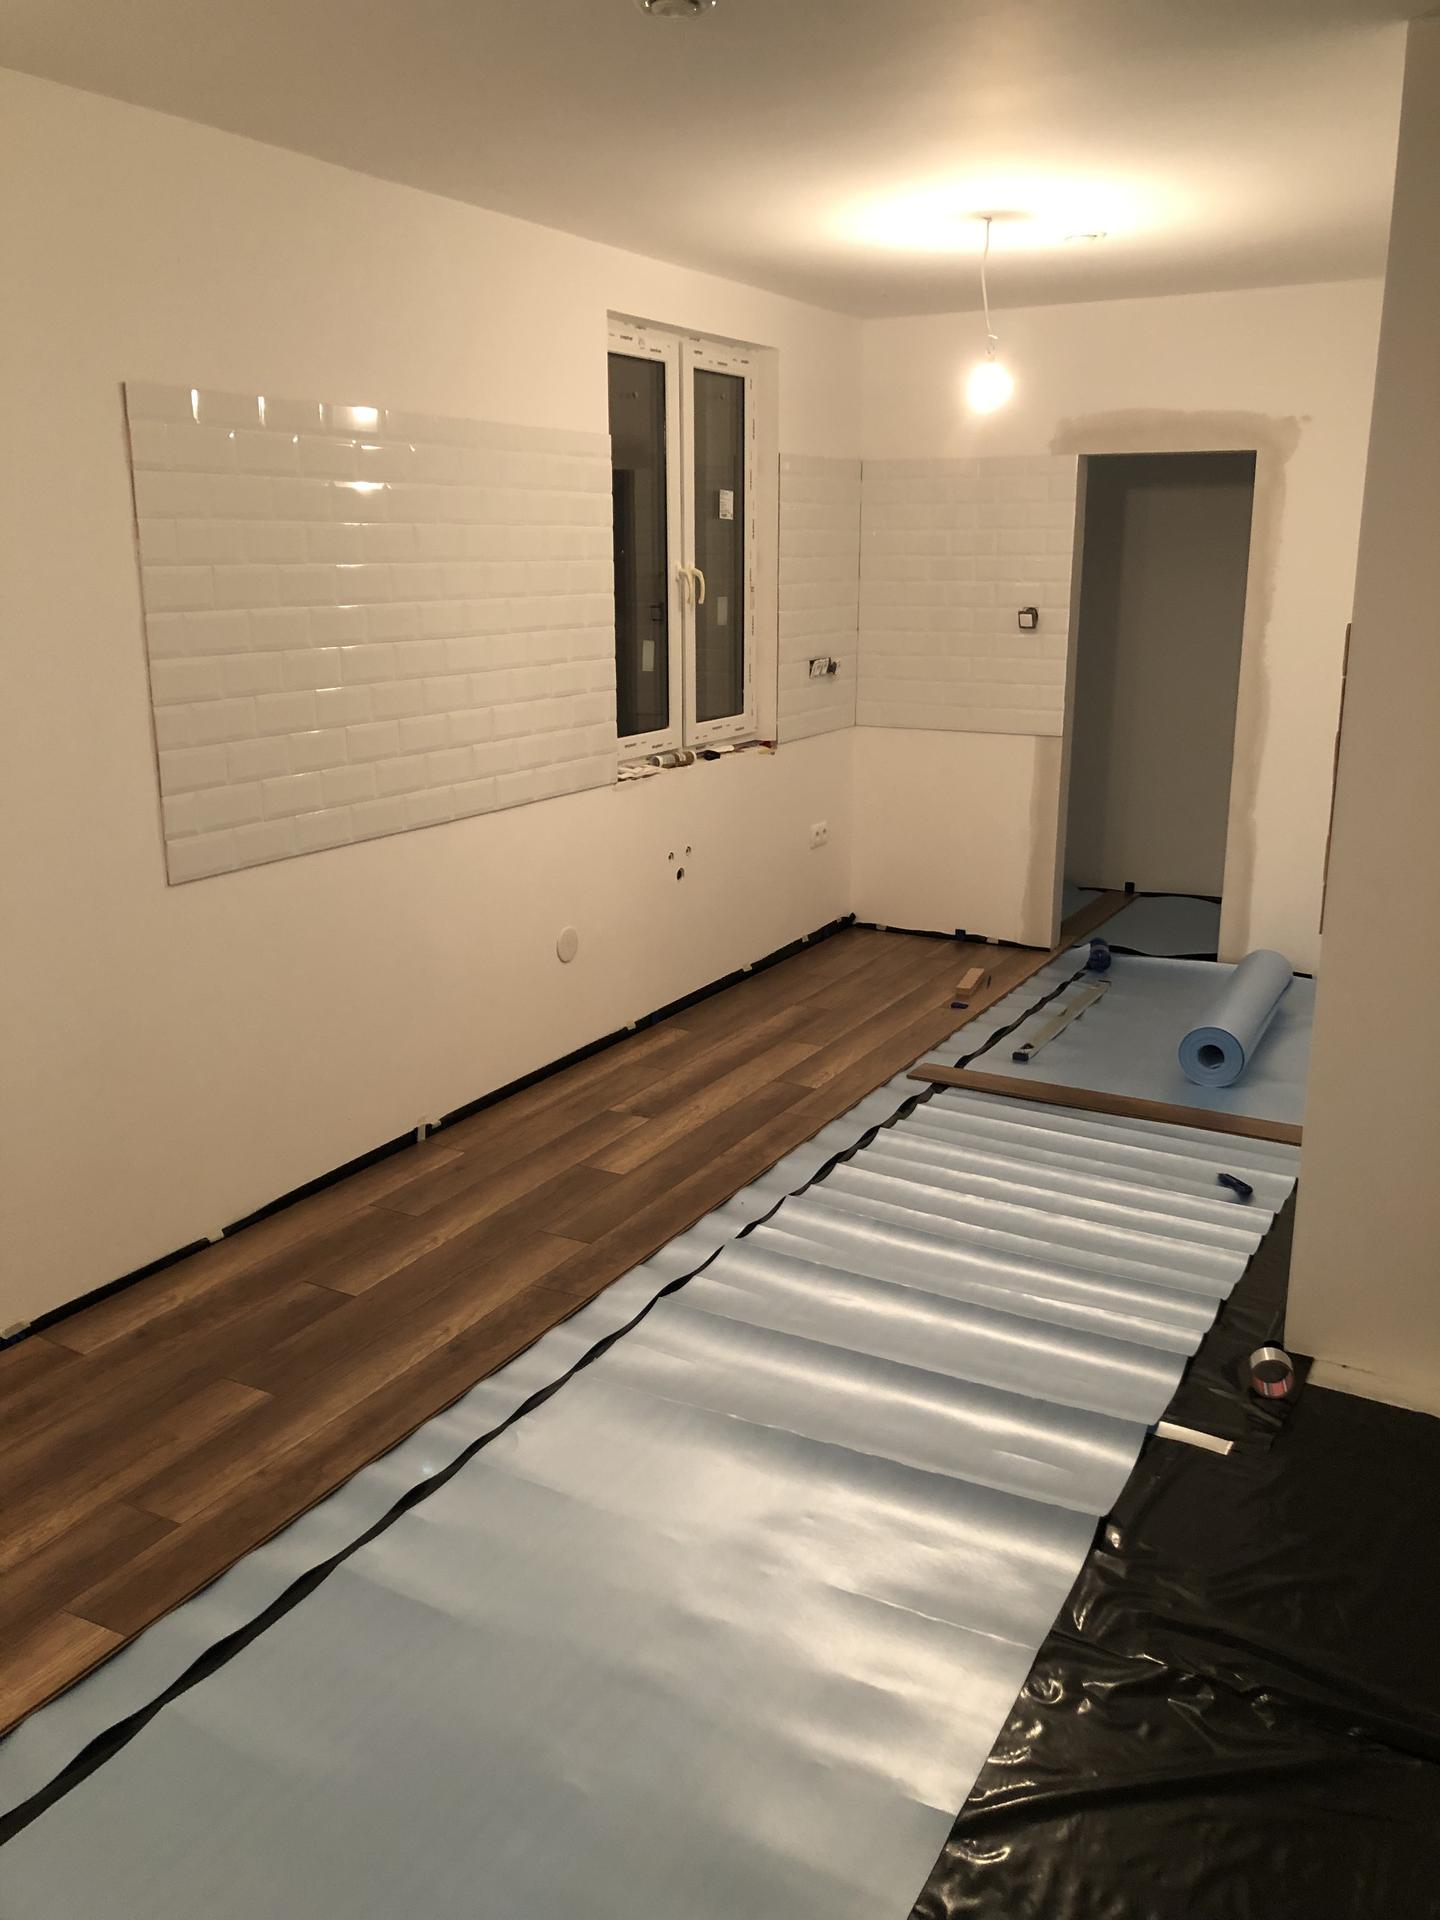 Naše prvé vlastné bývanie - Dnes uz som zacal riesit aj podlahu :)